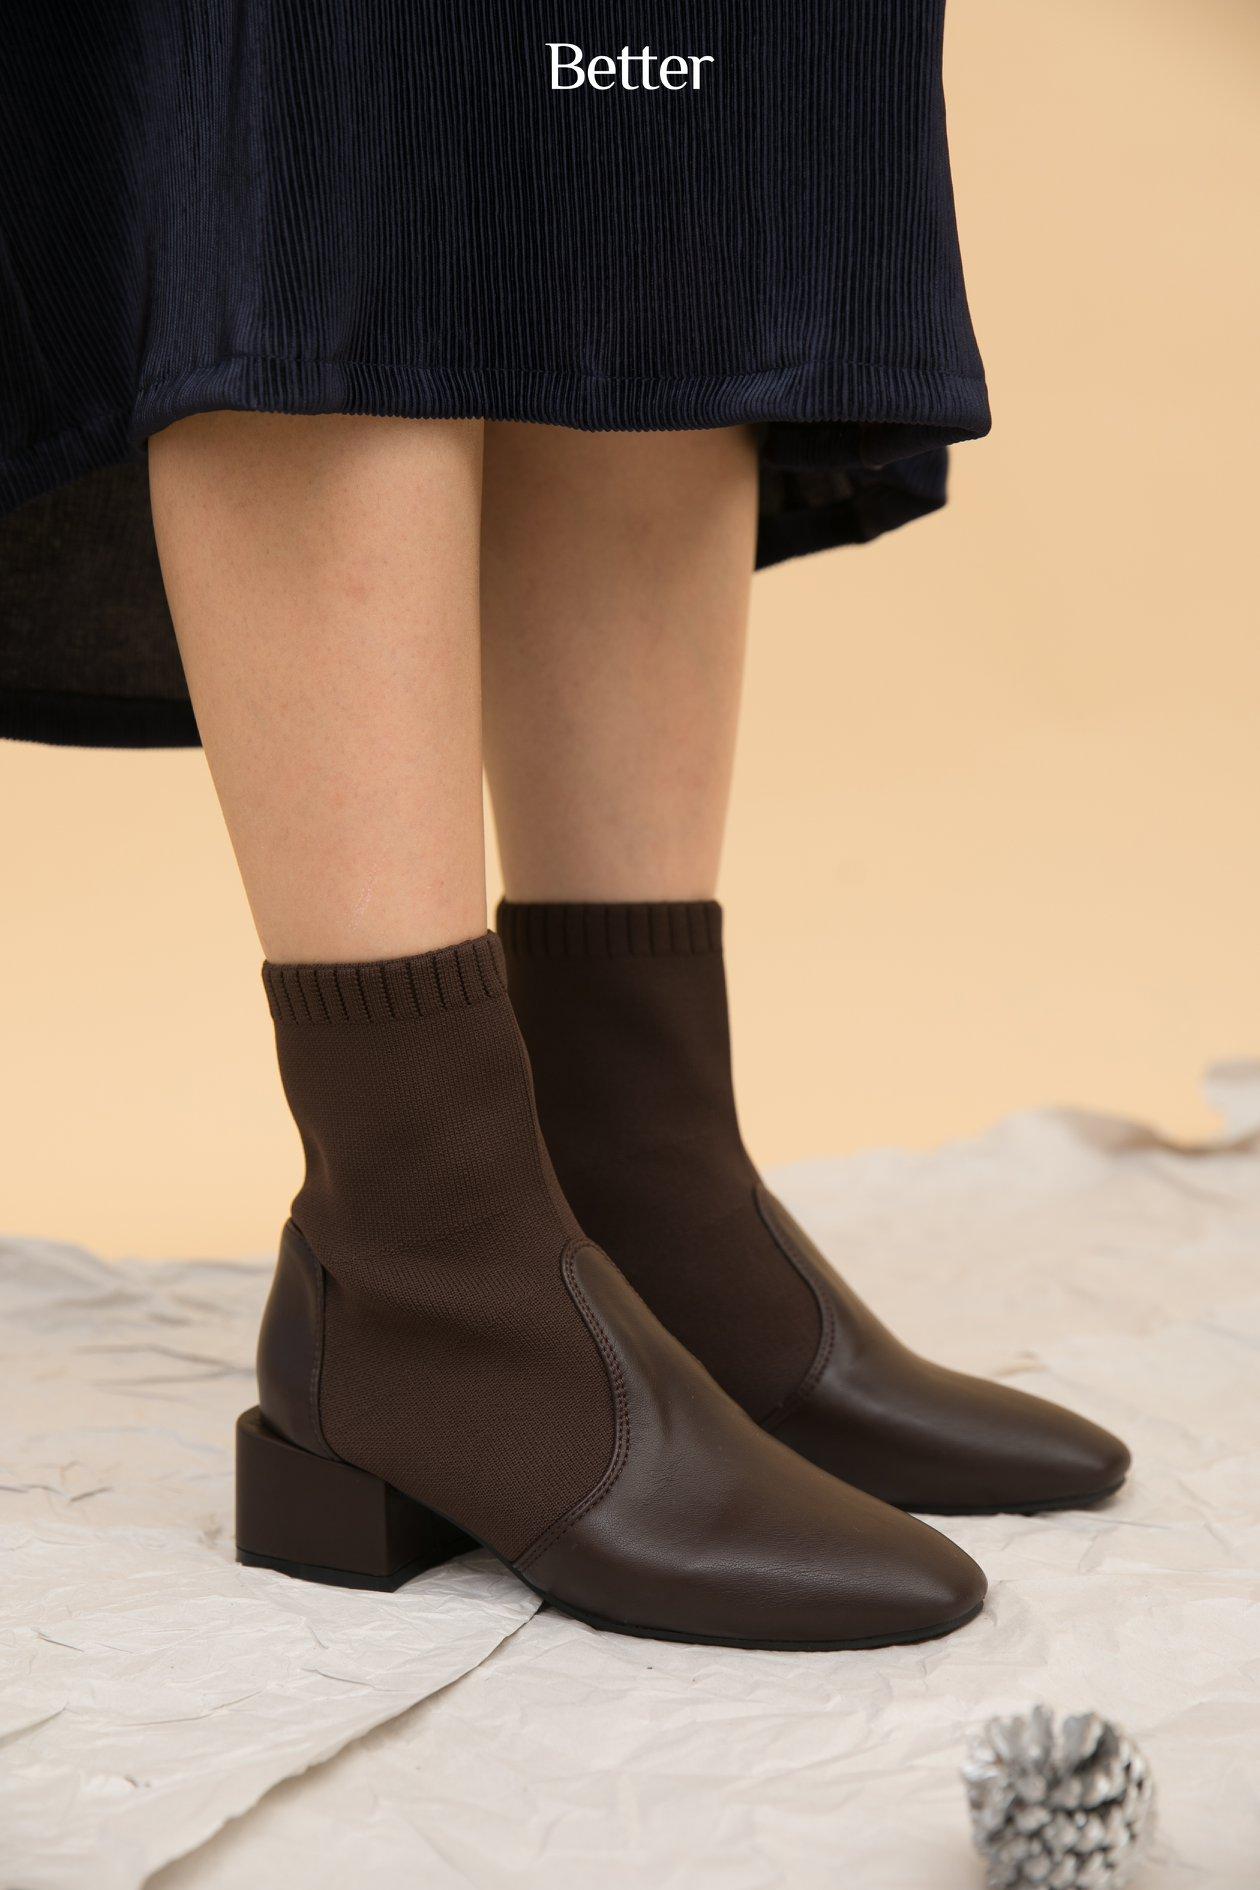 10 địa chỉ bán boots da chuẩn đẹp - Ảnh 5.